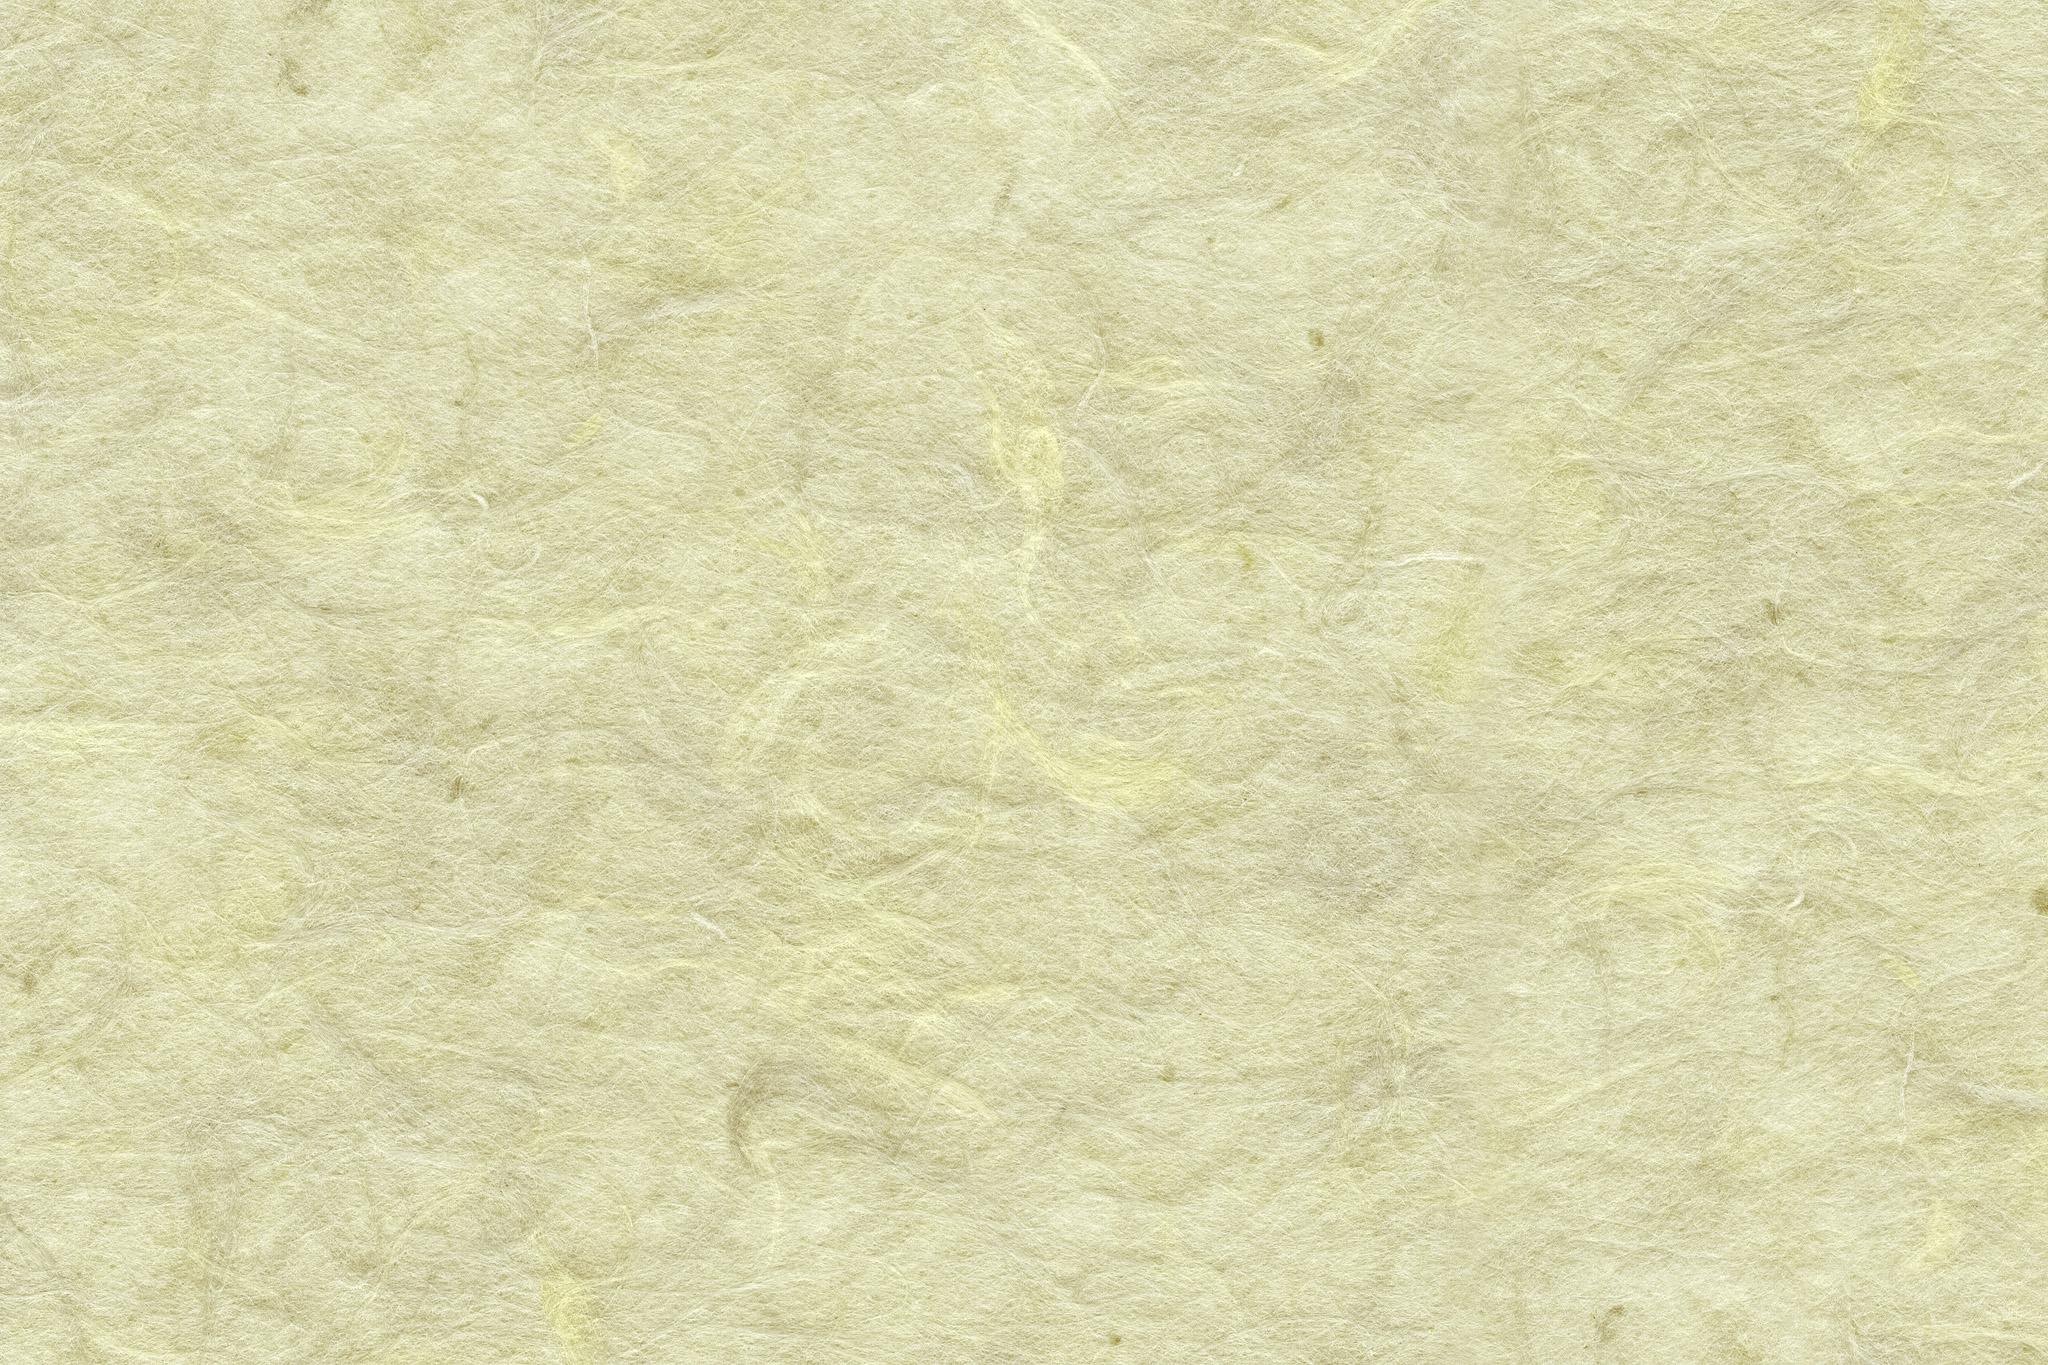 「楮の質感が浮き出た淡黄蘗の和紙」の背景を無料ダウンロード